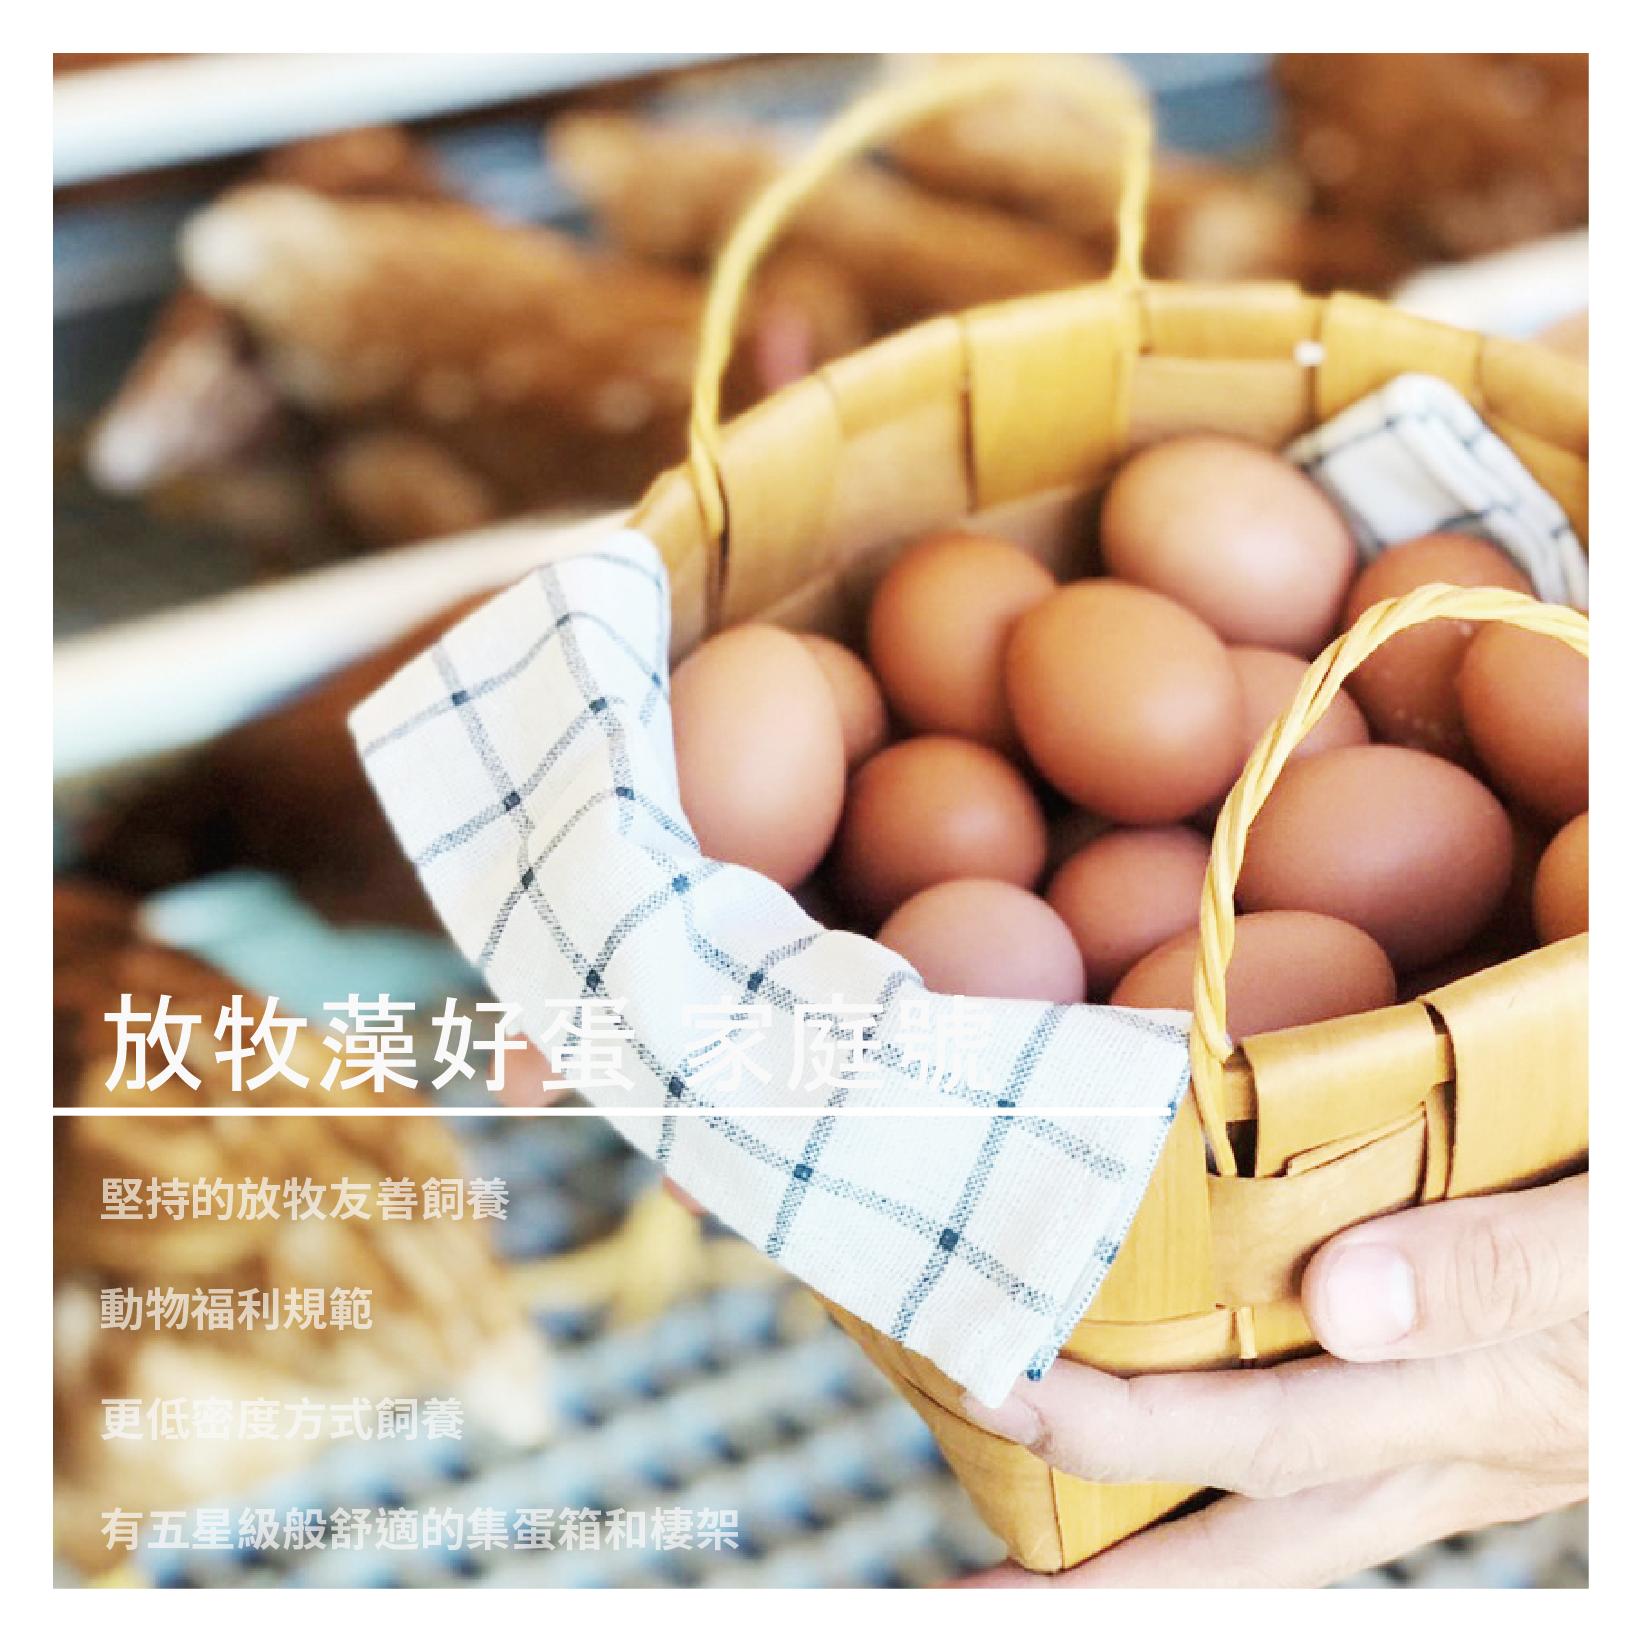 【育誠藻好蛋】放牧藻好蛋 家庭號 24入X2箱